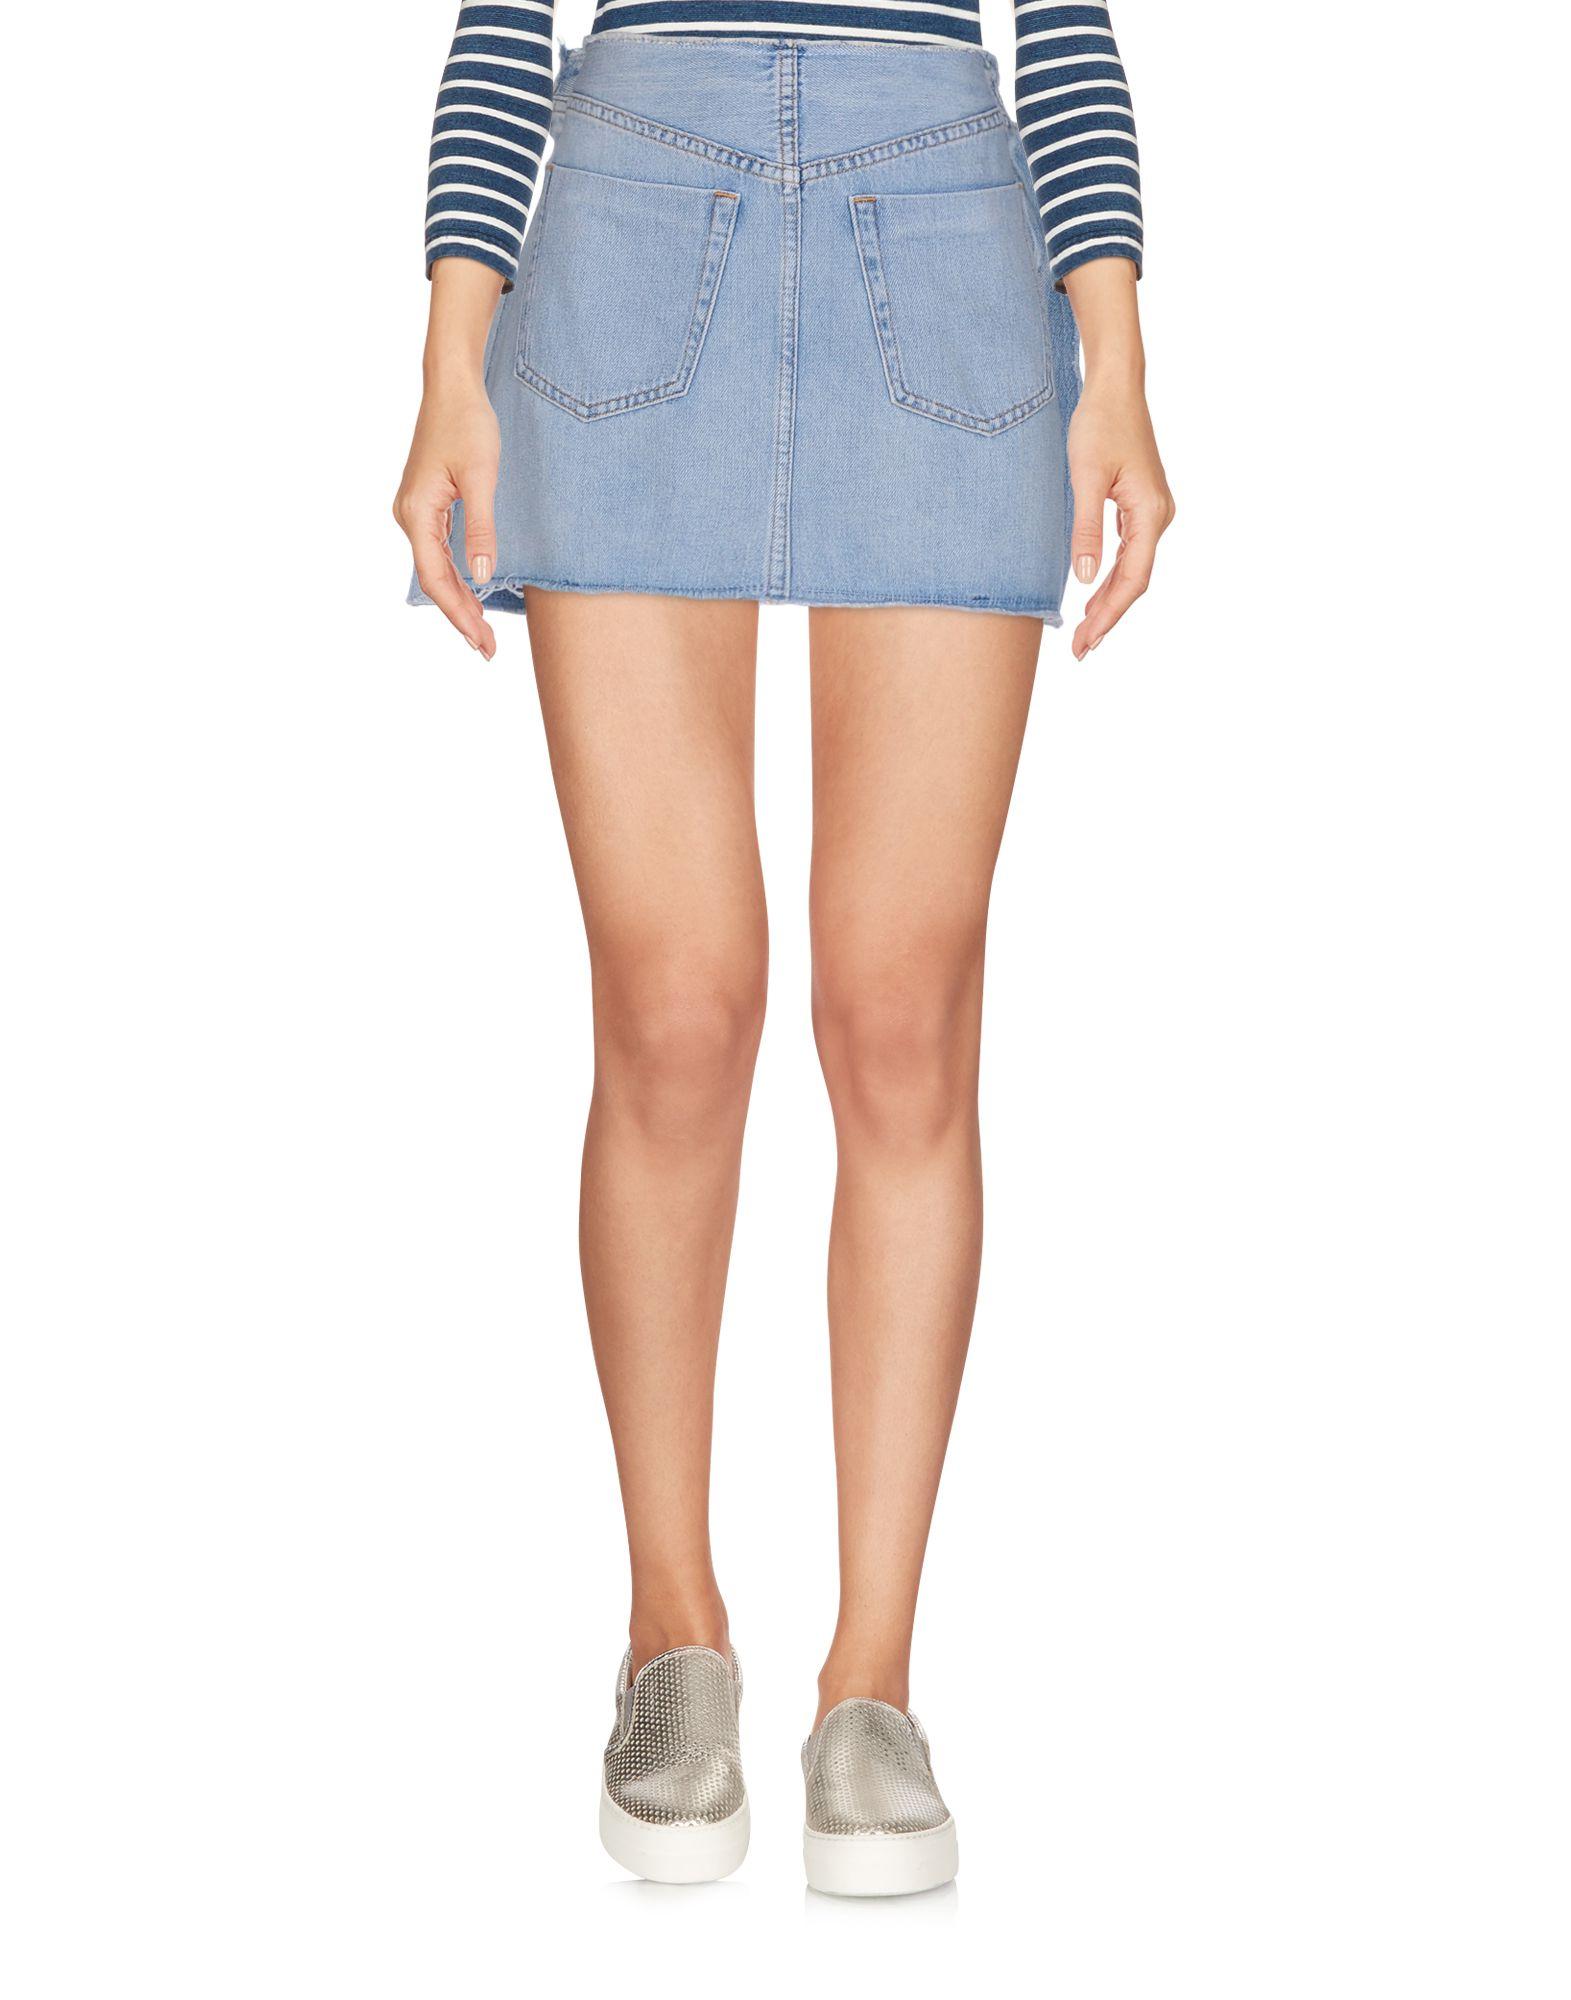 MM6 MAISON MARGIELA Джинсовая юбка mm6 maison margiela джинсовая рубашка